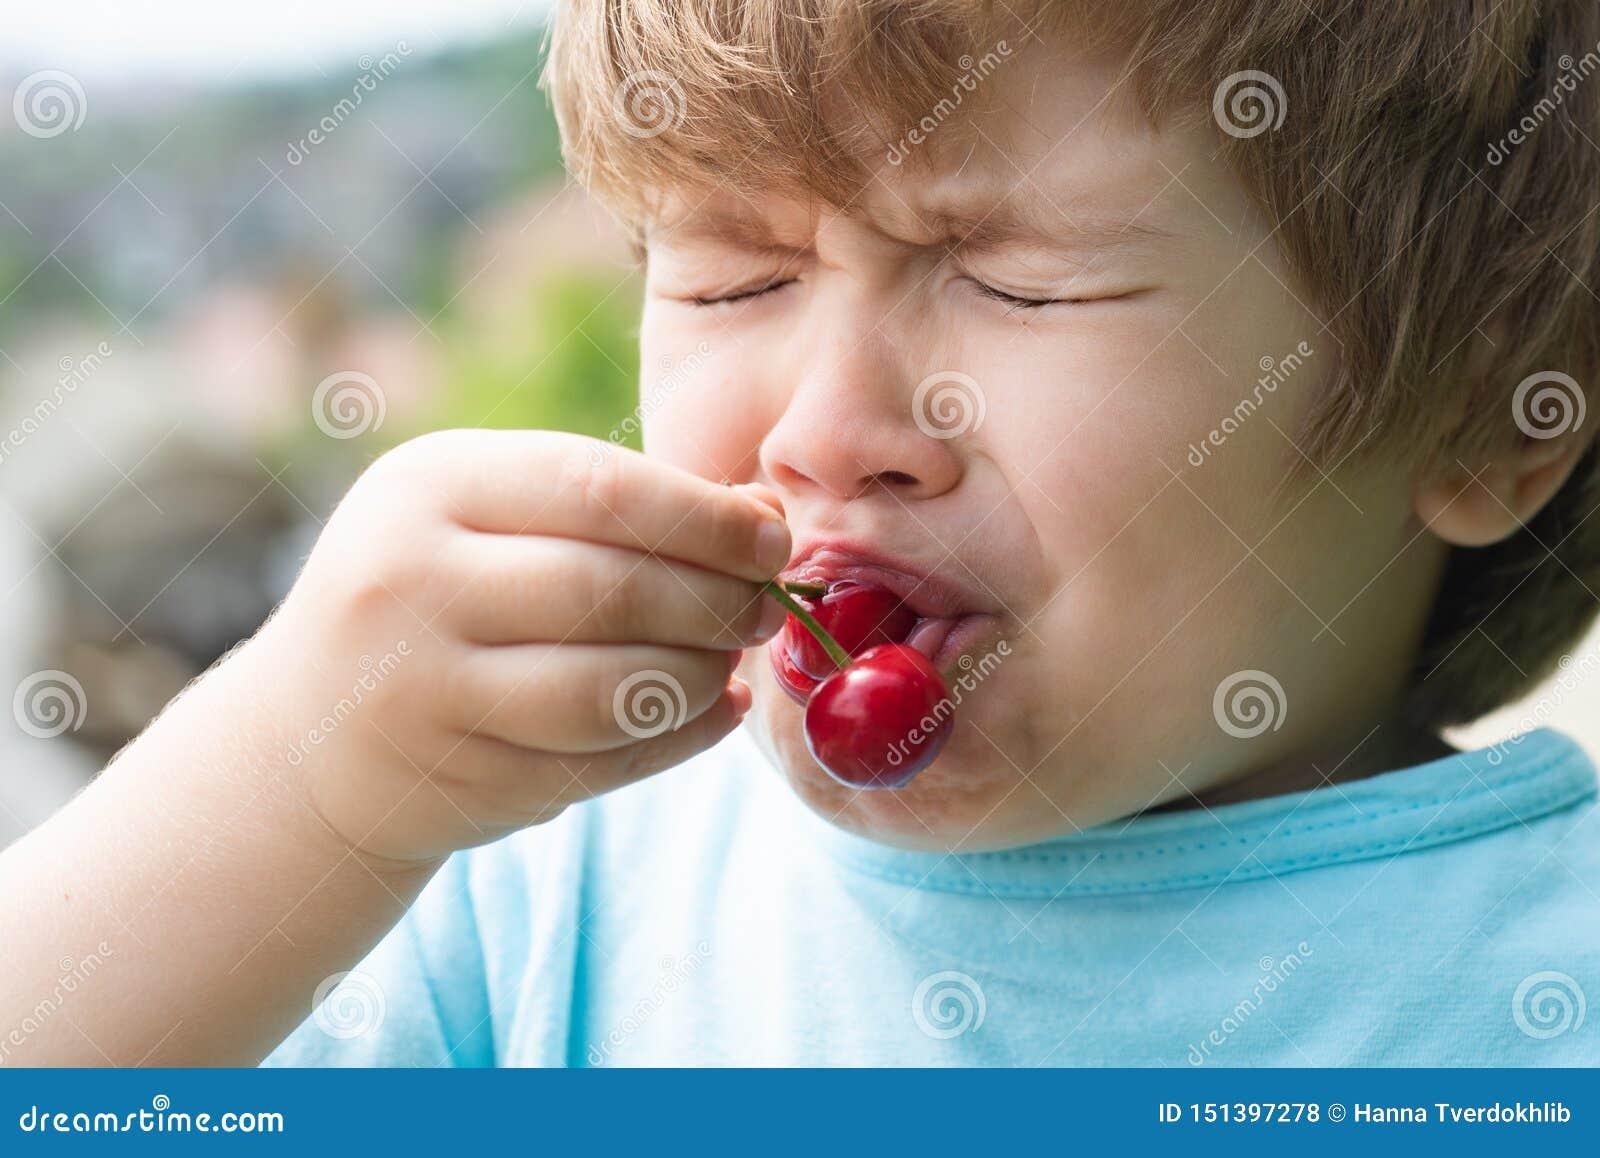 Cereja ácida, gosto ácido O bebê tenta primeiramente a cereja Crian?a emocional Alimento saud?vel Apetite Emoções do ácido sobre